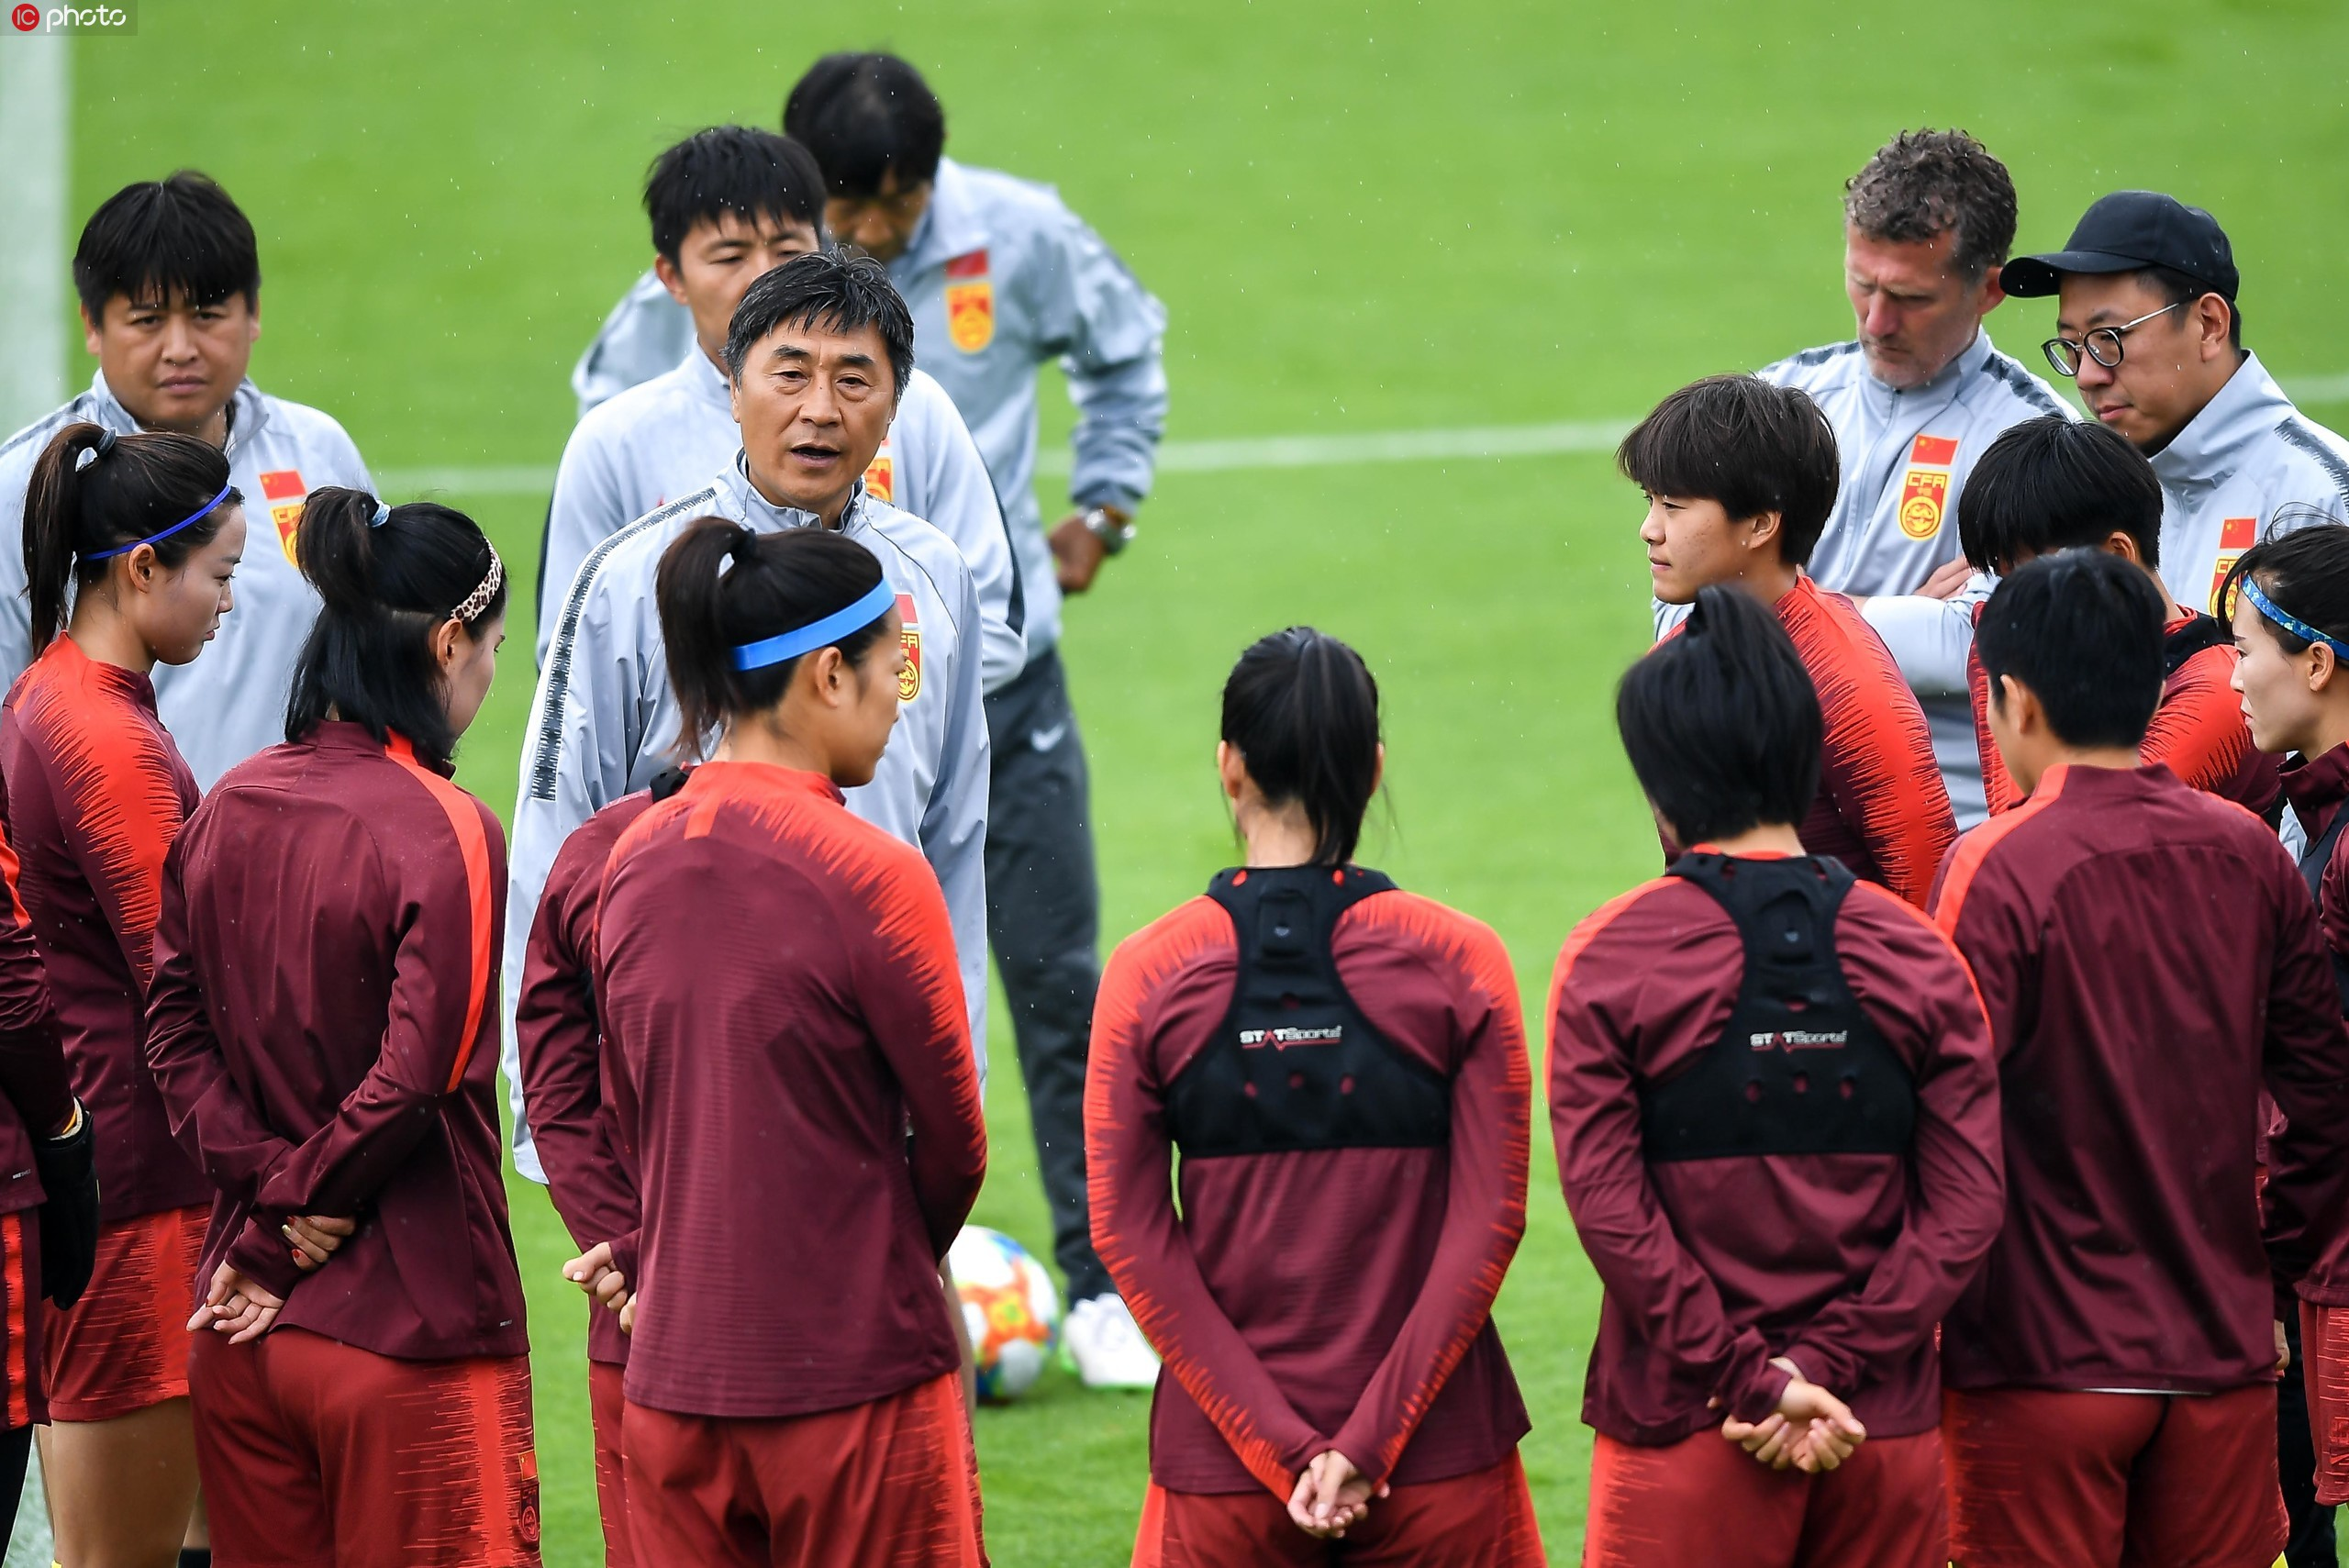 6月19日,中国女足冒雨继续在法国勒阿弗尔备战淘汰赛,主帅贾秀全亲自上阵指导队员。